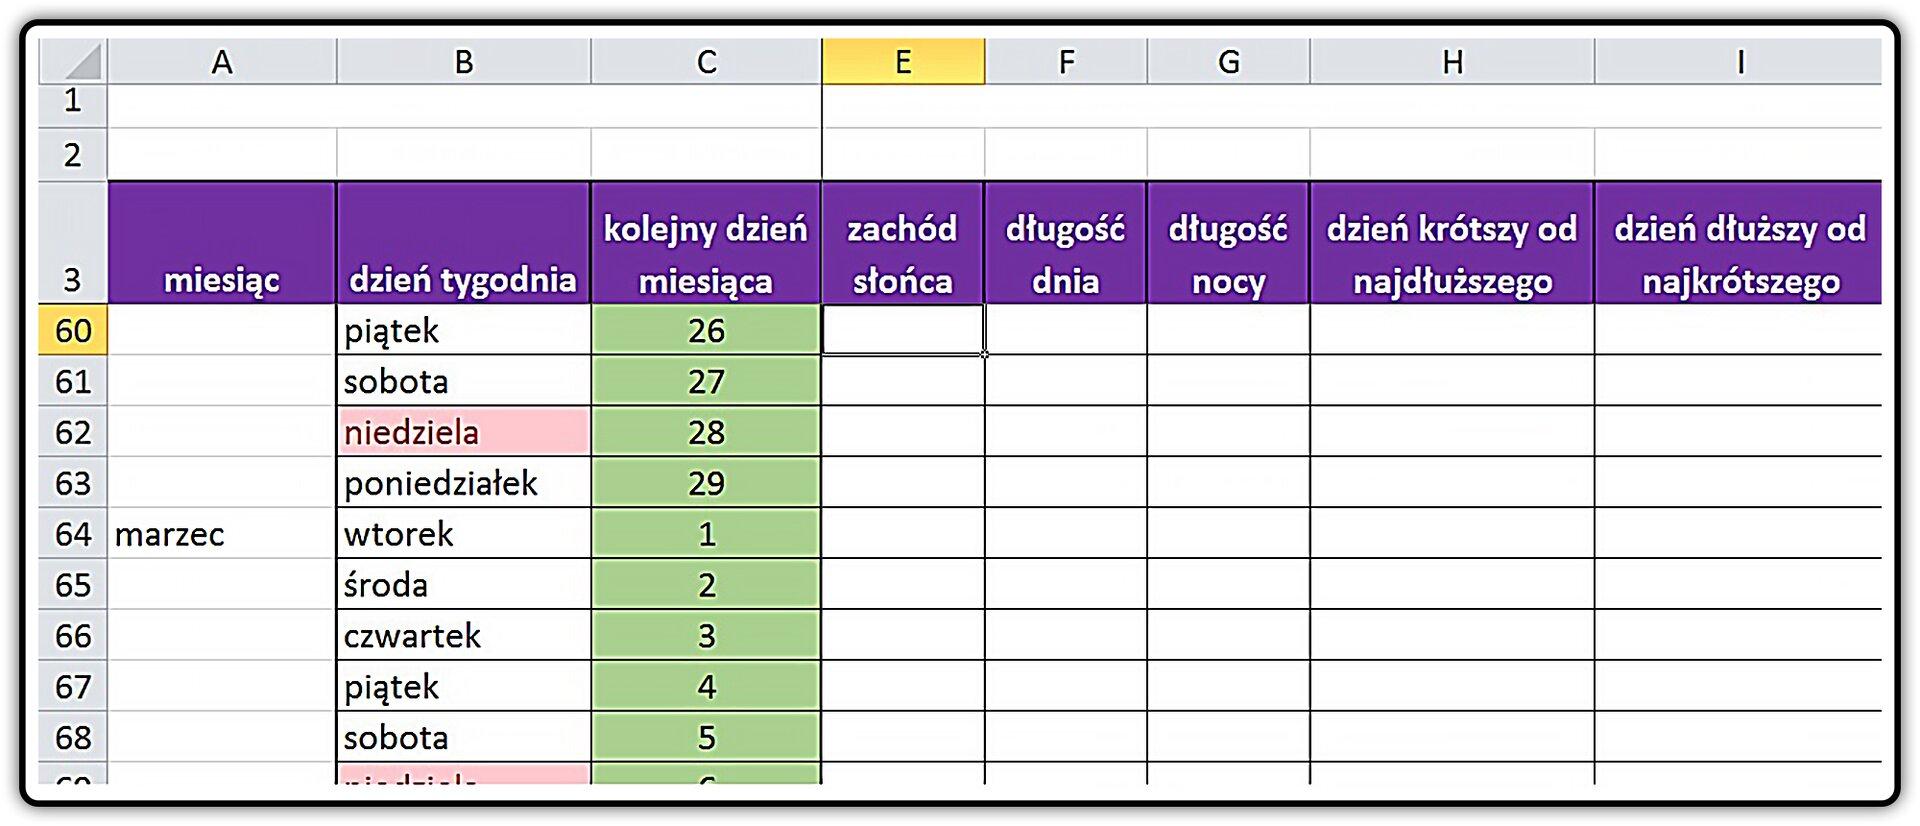 Zrzut tabeli zpokazanym przykładowym efektem zastosowania blokowania komórek